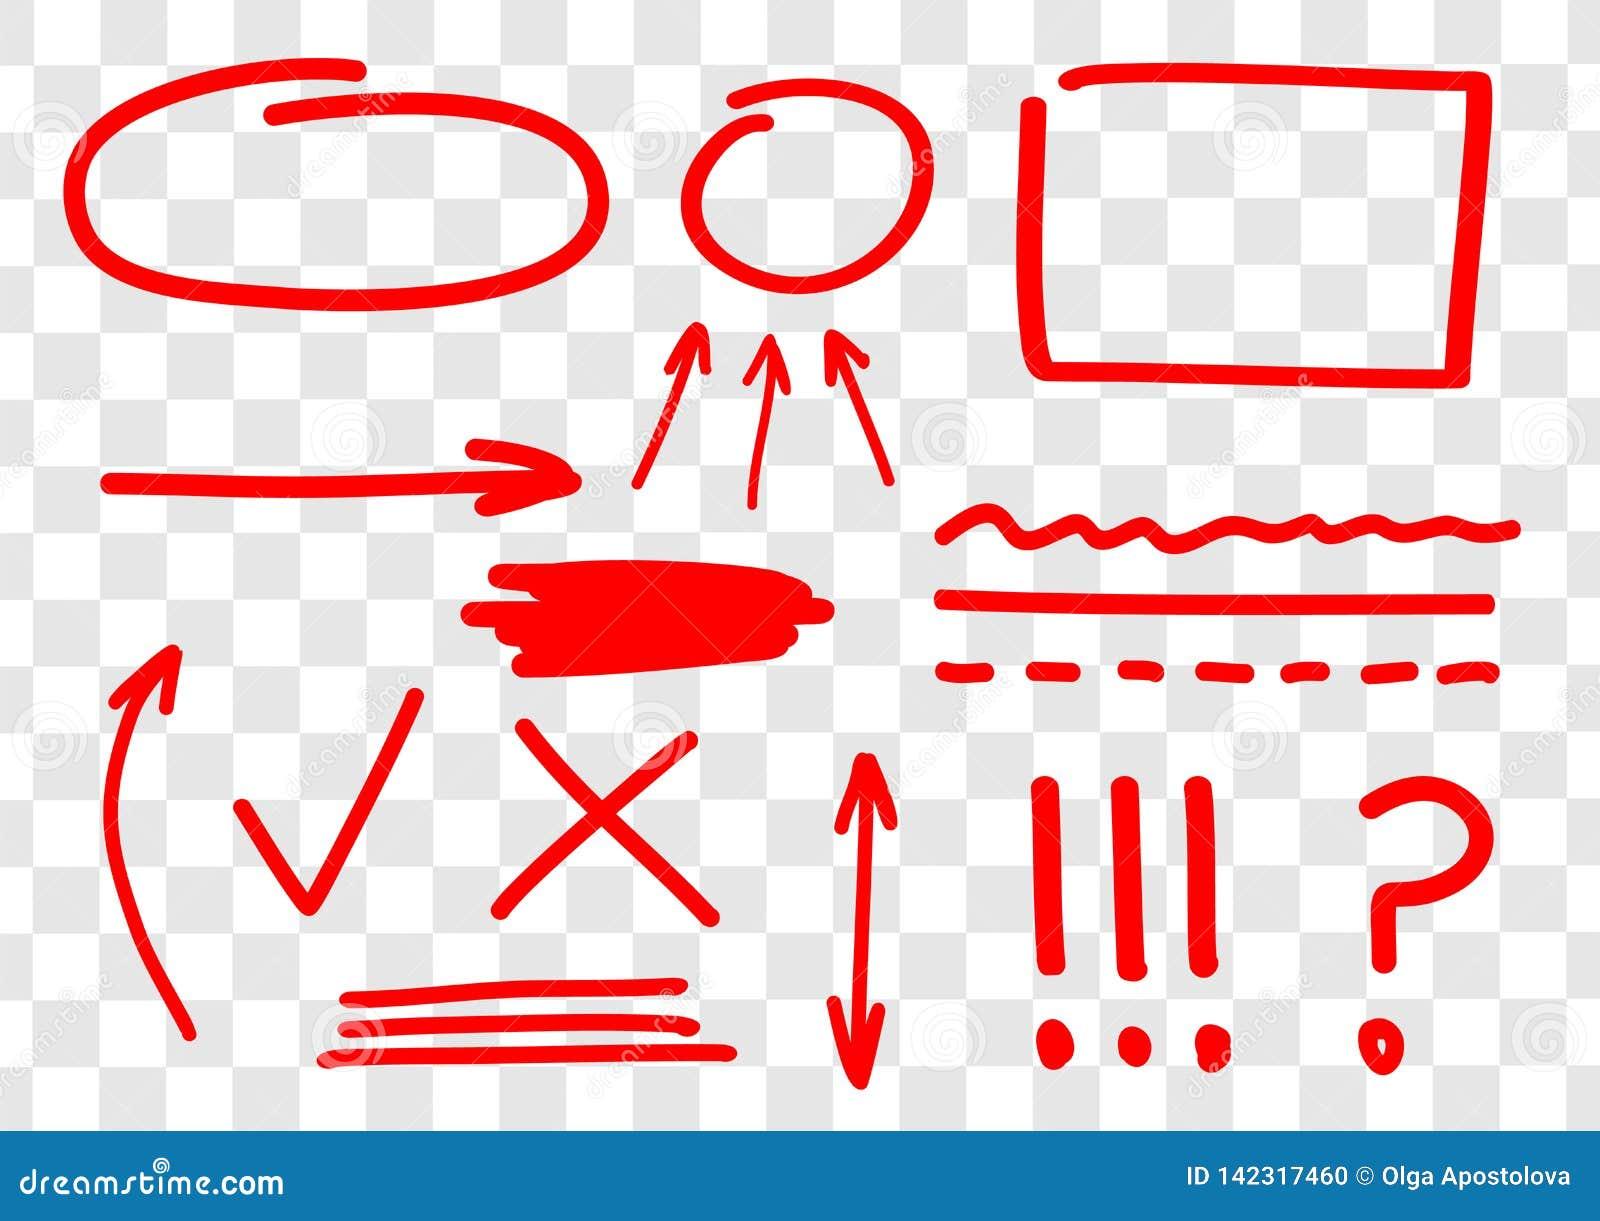 Wręcza rysującego set wektorowe czerwone oceny, strzały, ingles, linie, poprawki i korekcje, Czerwona markier linia